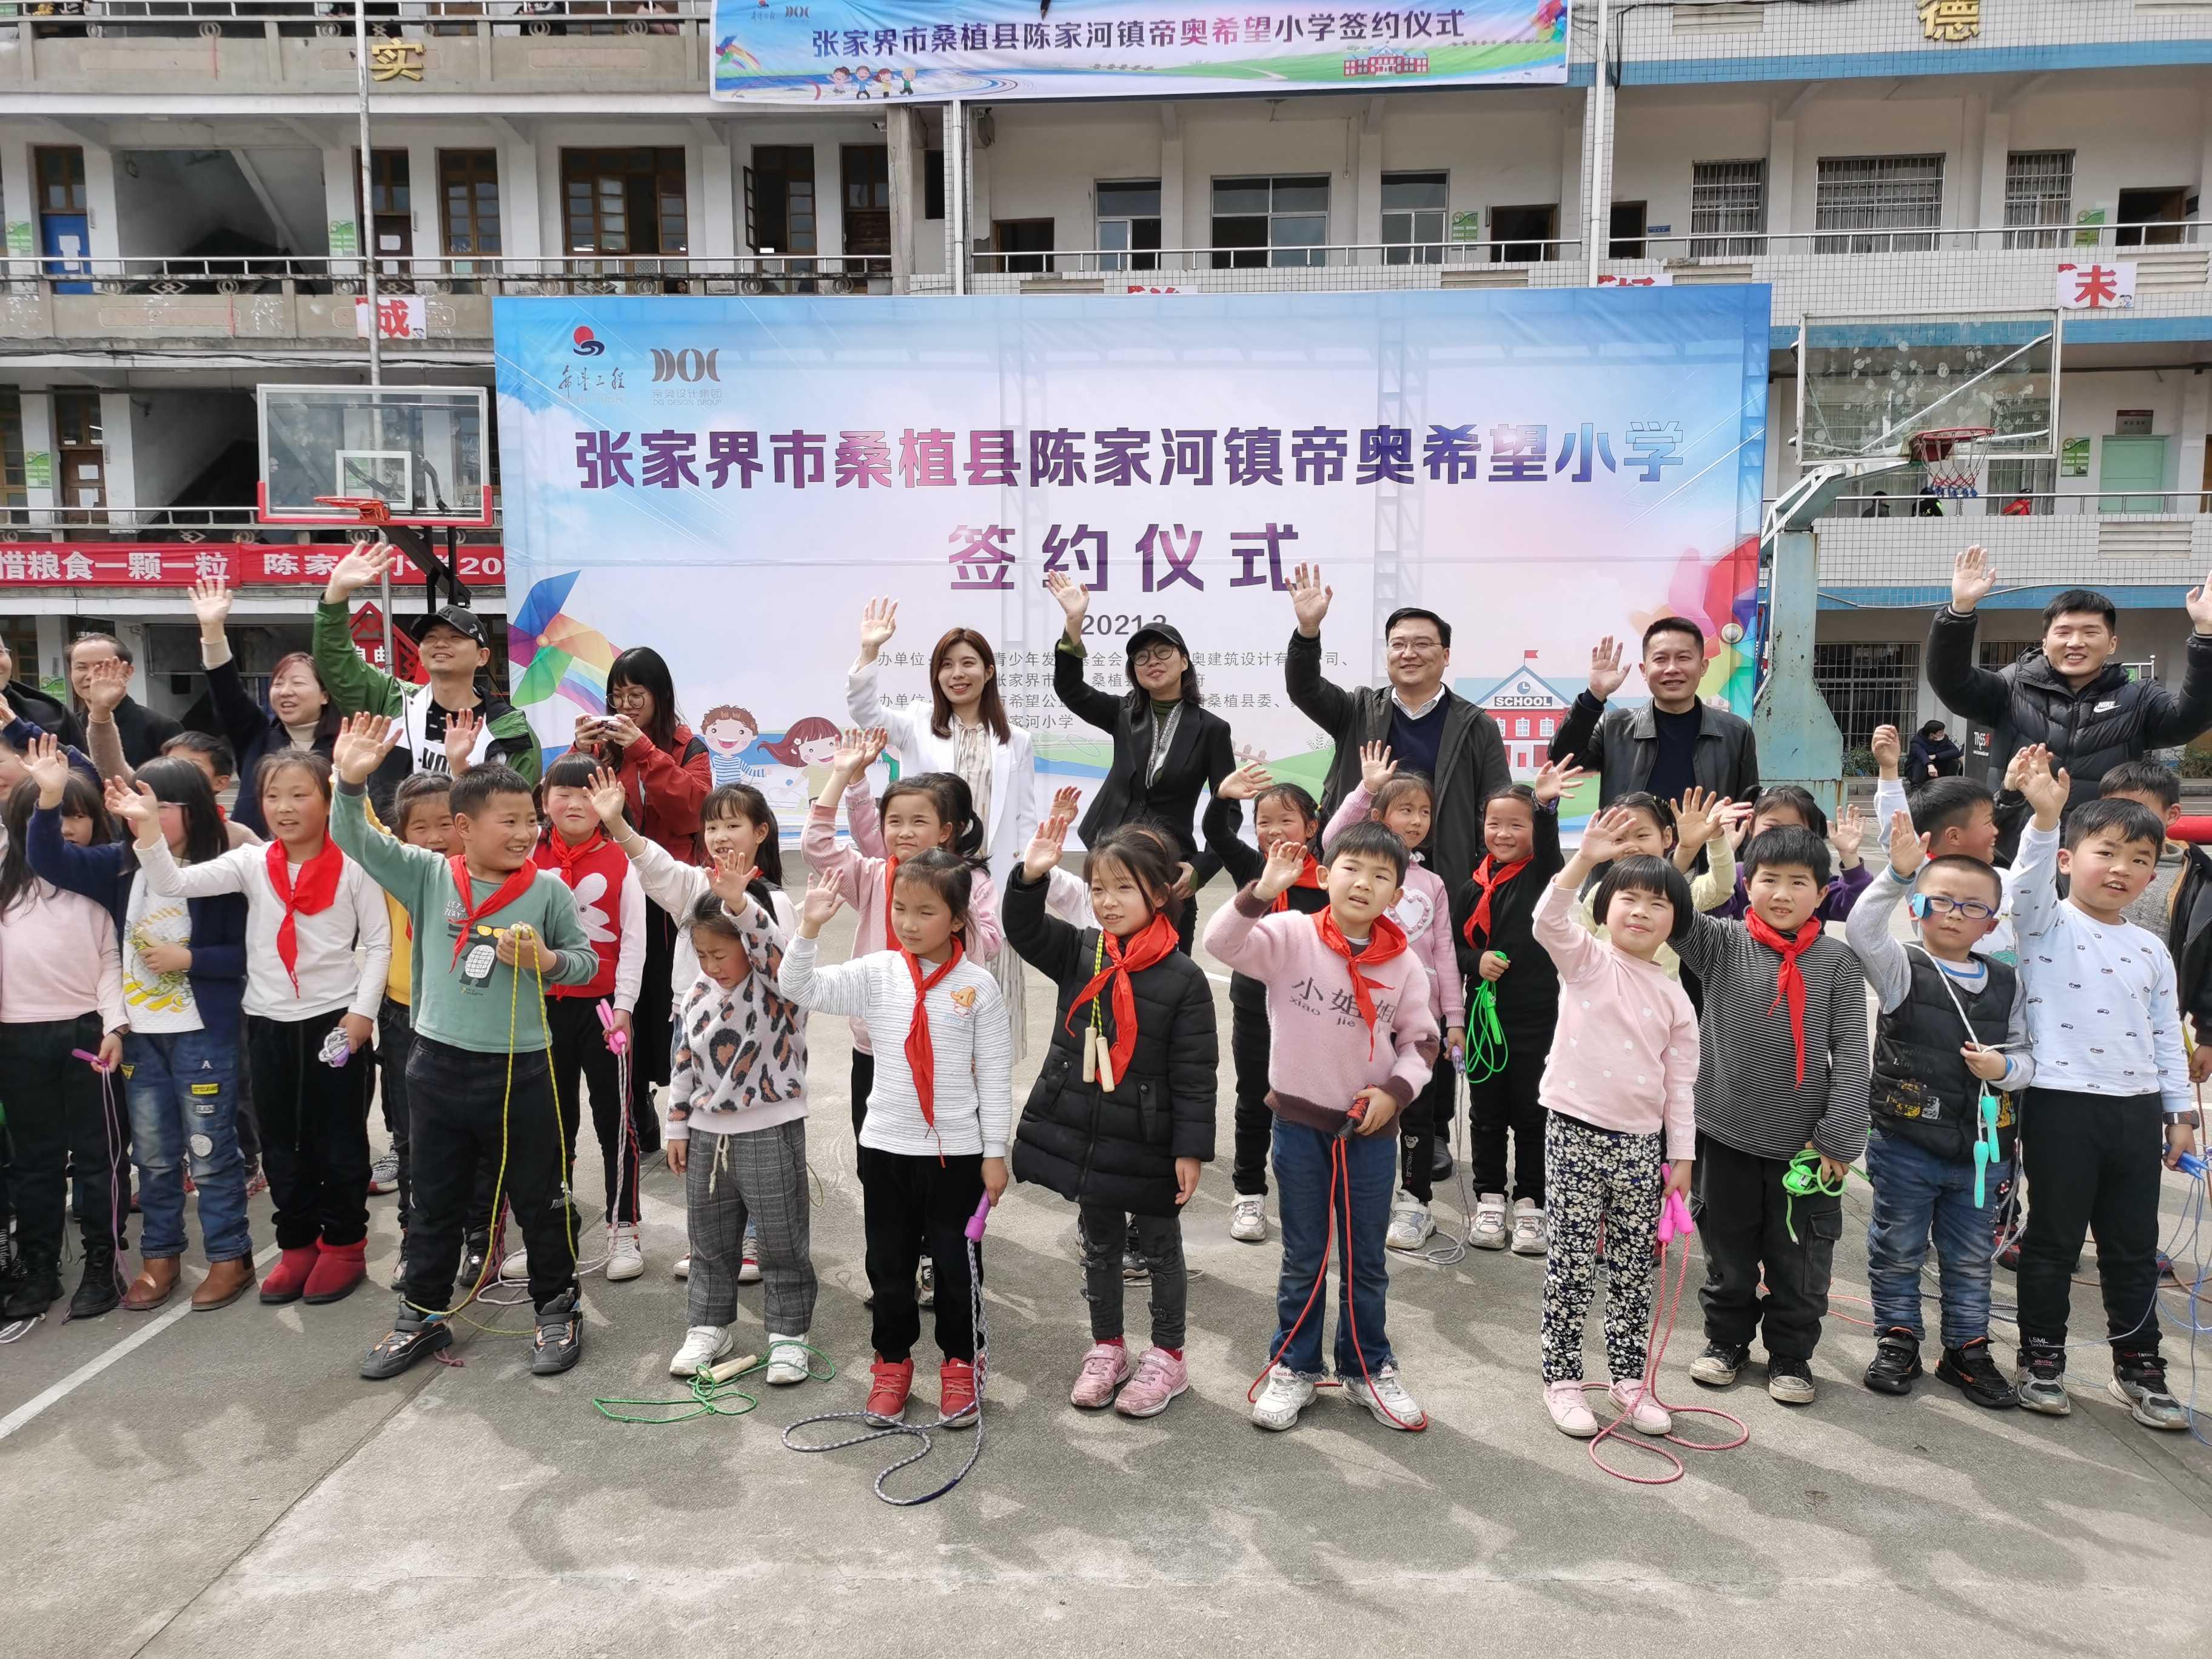 播种爱心,孕育希望——上海帝奥捐建桑植县陈家河镇希望小学签约仪式举行